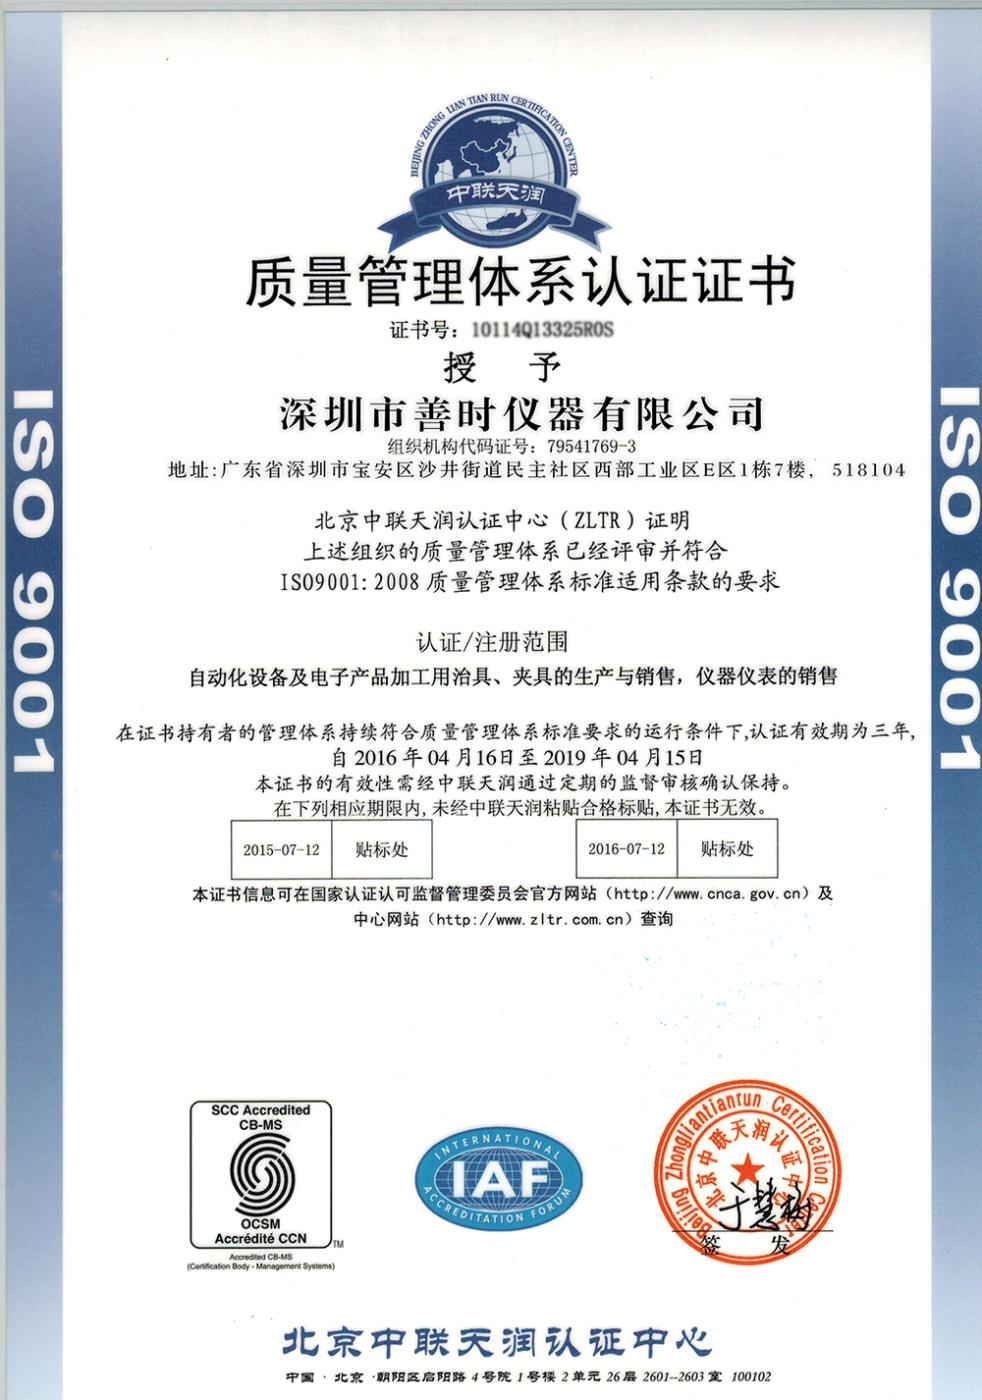 SO9001-COK-1